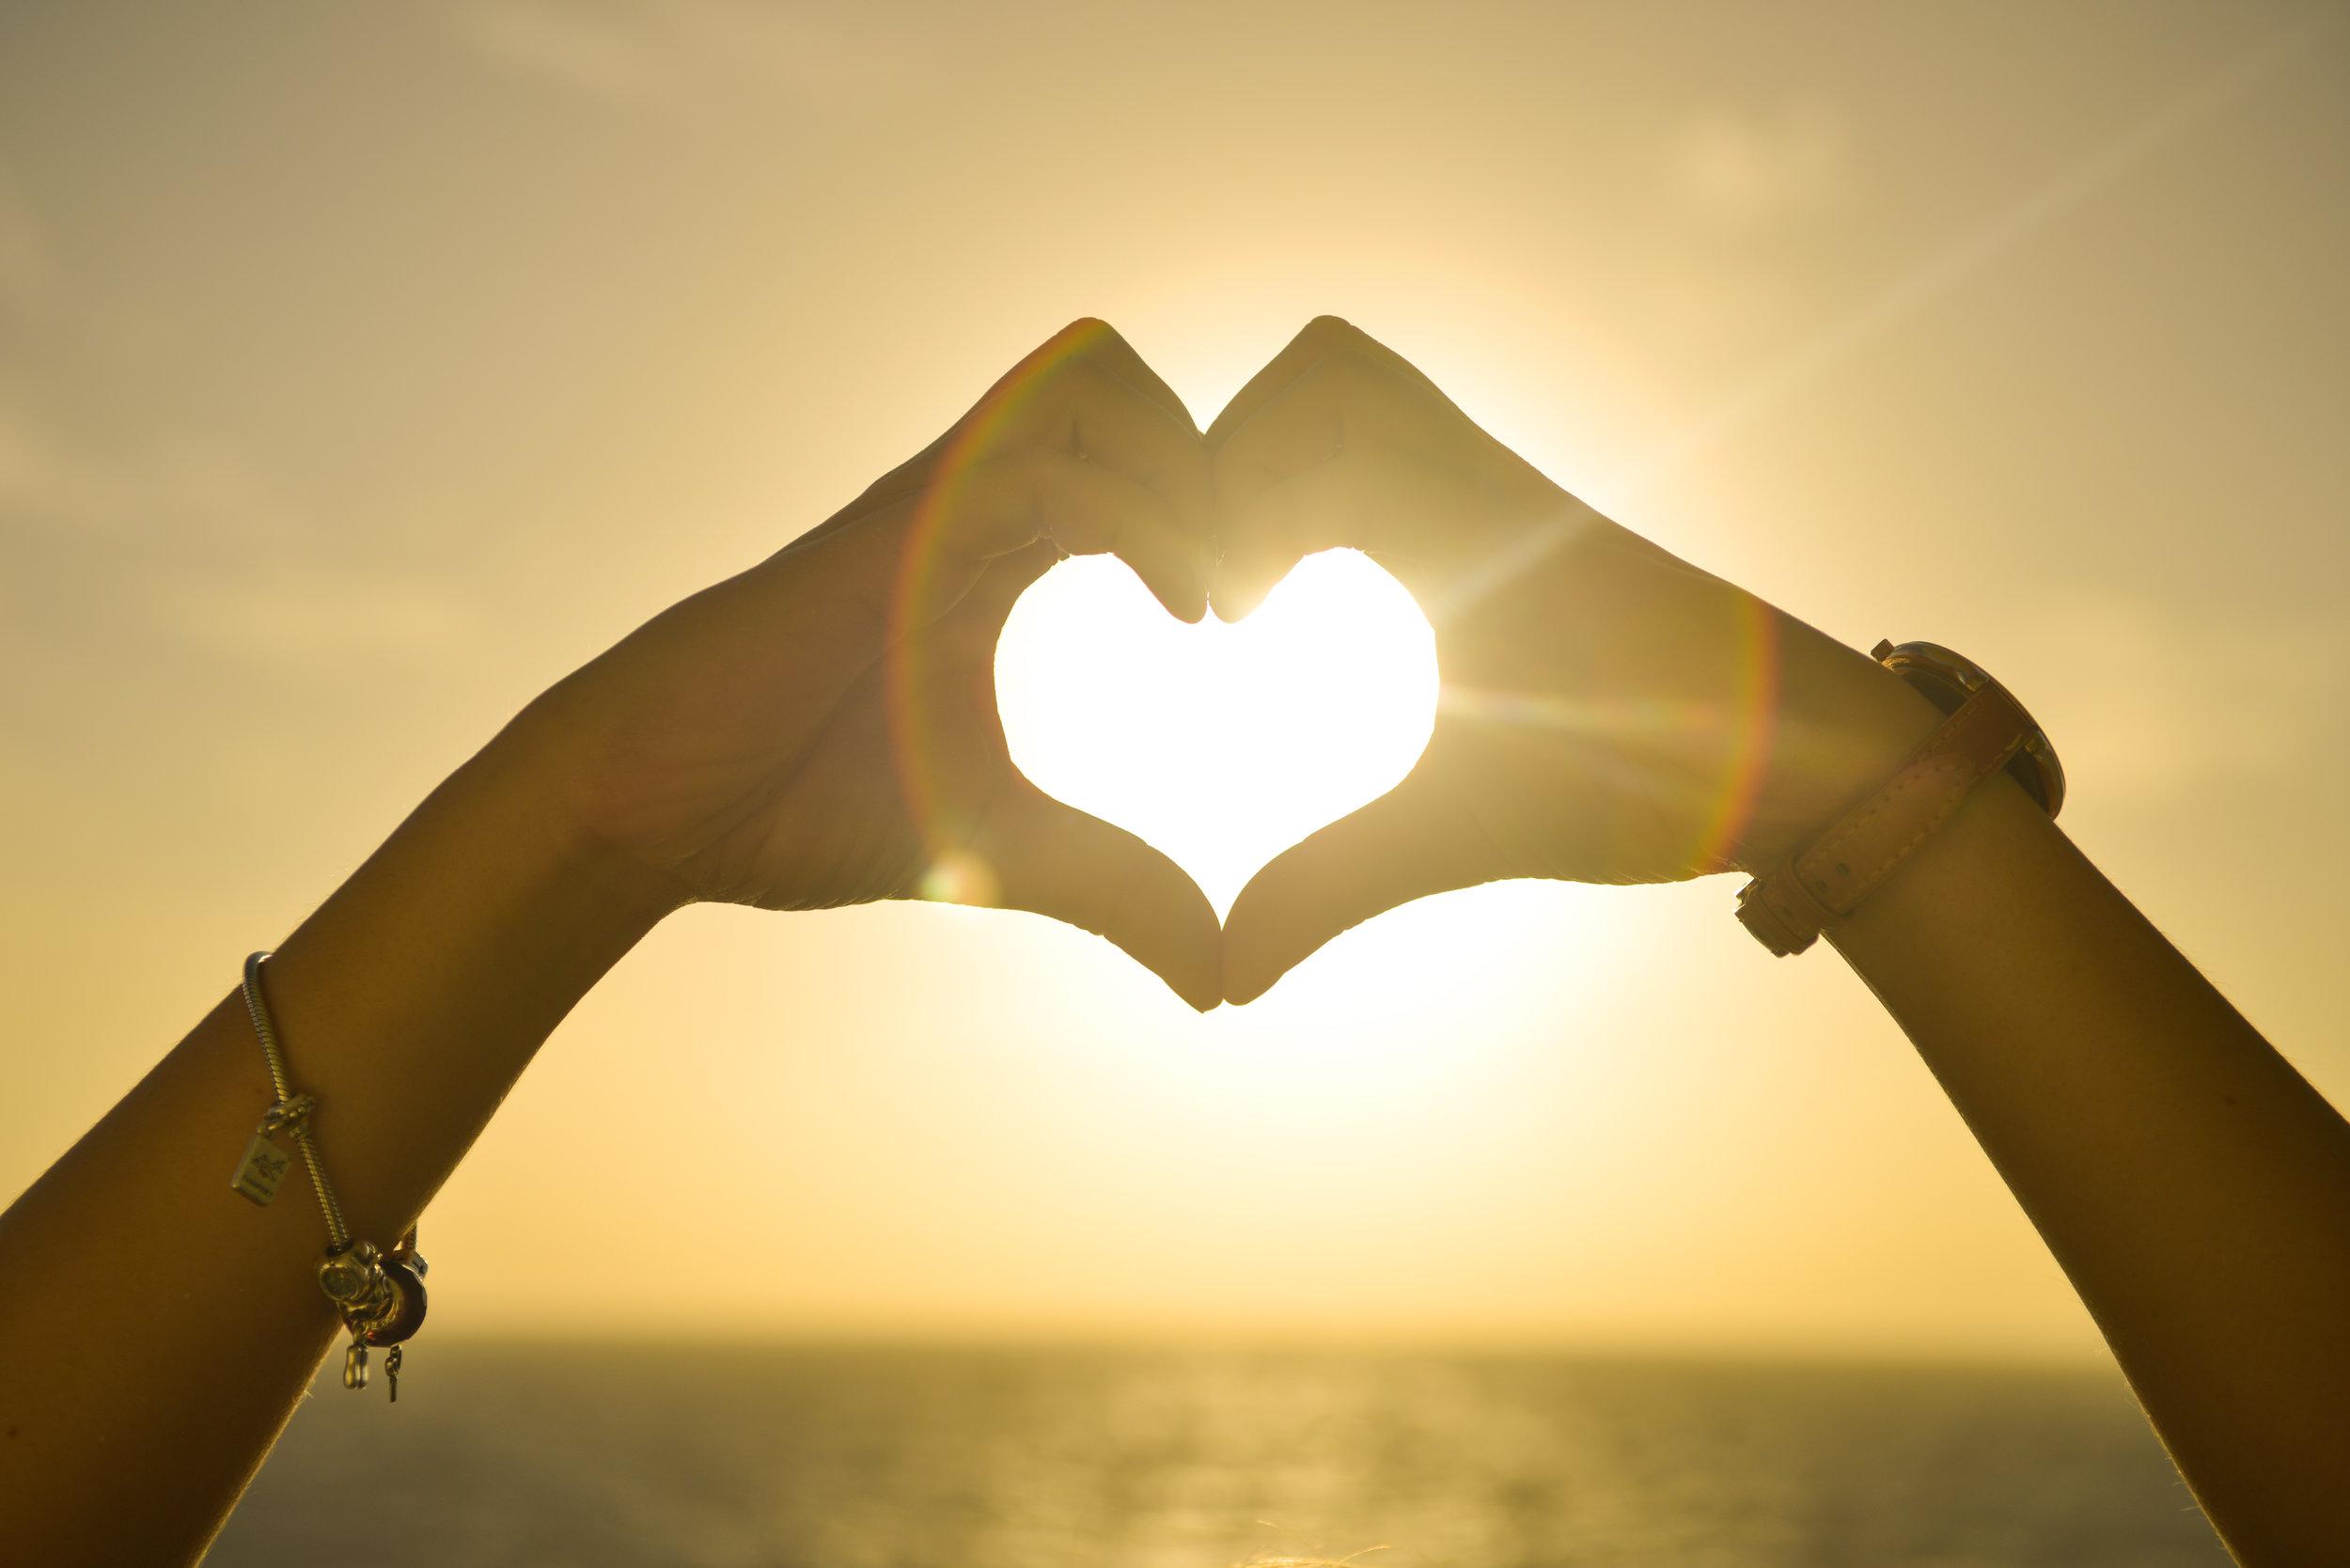 sunset-hands-love-woman.jpg